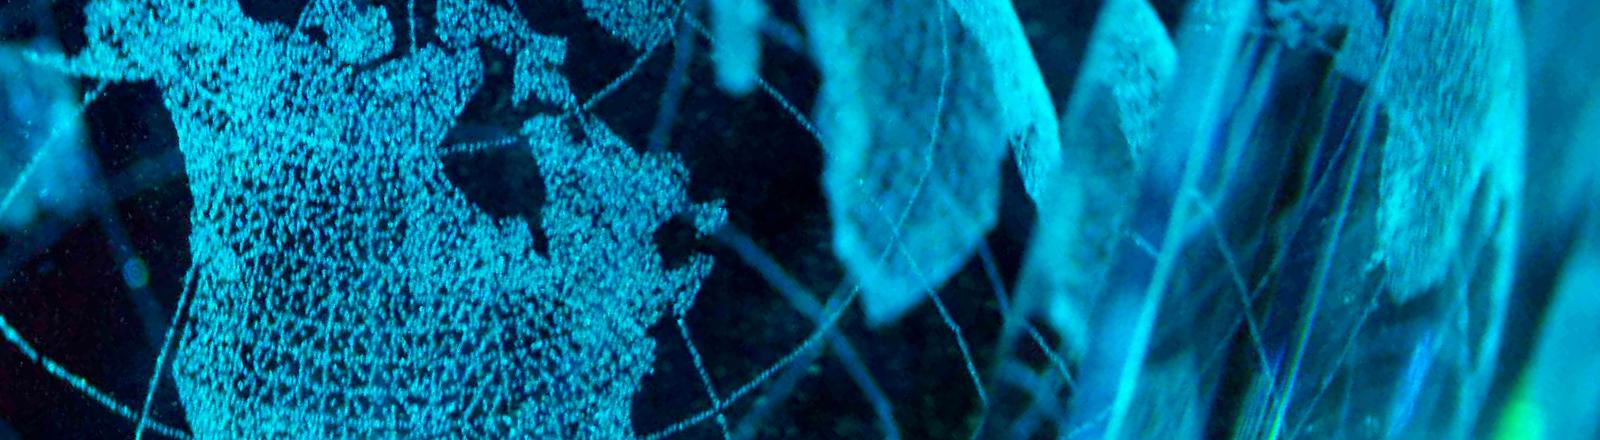 Eine stilisierte Erdkugel schimmert im digitalen Blau.